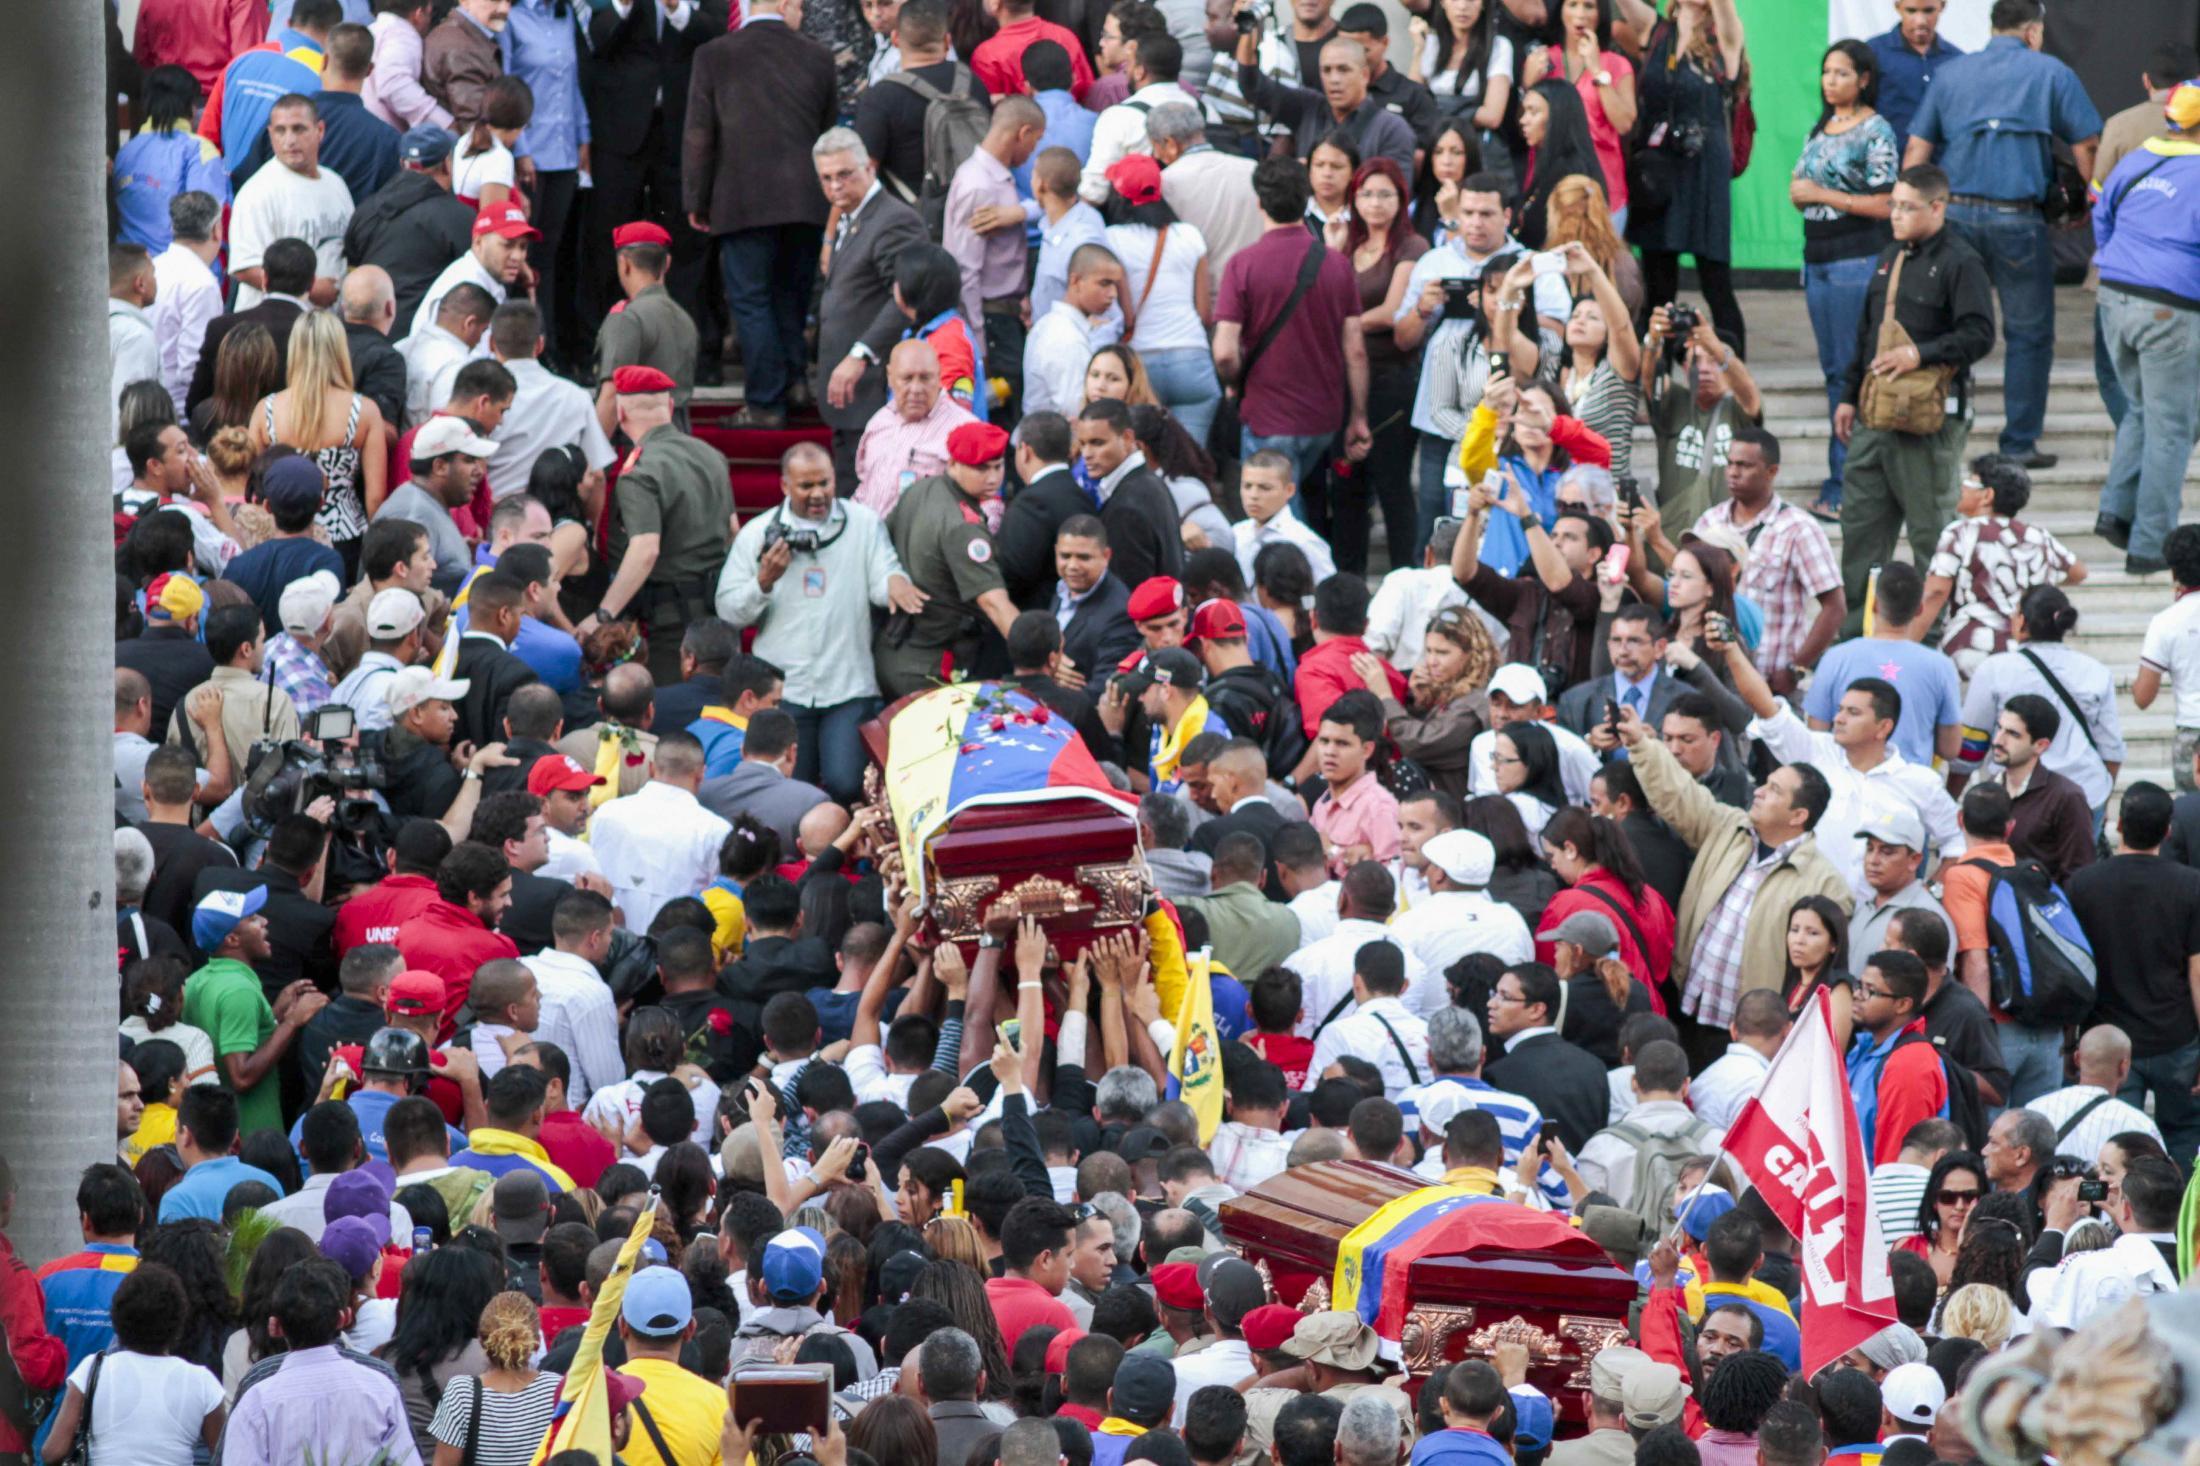 Los ataúdes de Robert Serra (centro), exdiputado venezolano y María Herrera (abajo), son cargados hacia dentro del Palacio Legislativo venezolano para ser velados en Capilla Ardiente. Caracas, Venezuela. 03/10/2014.